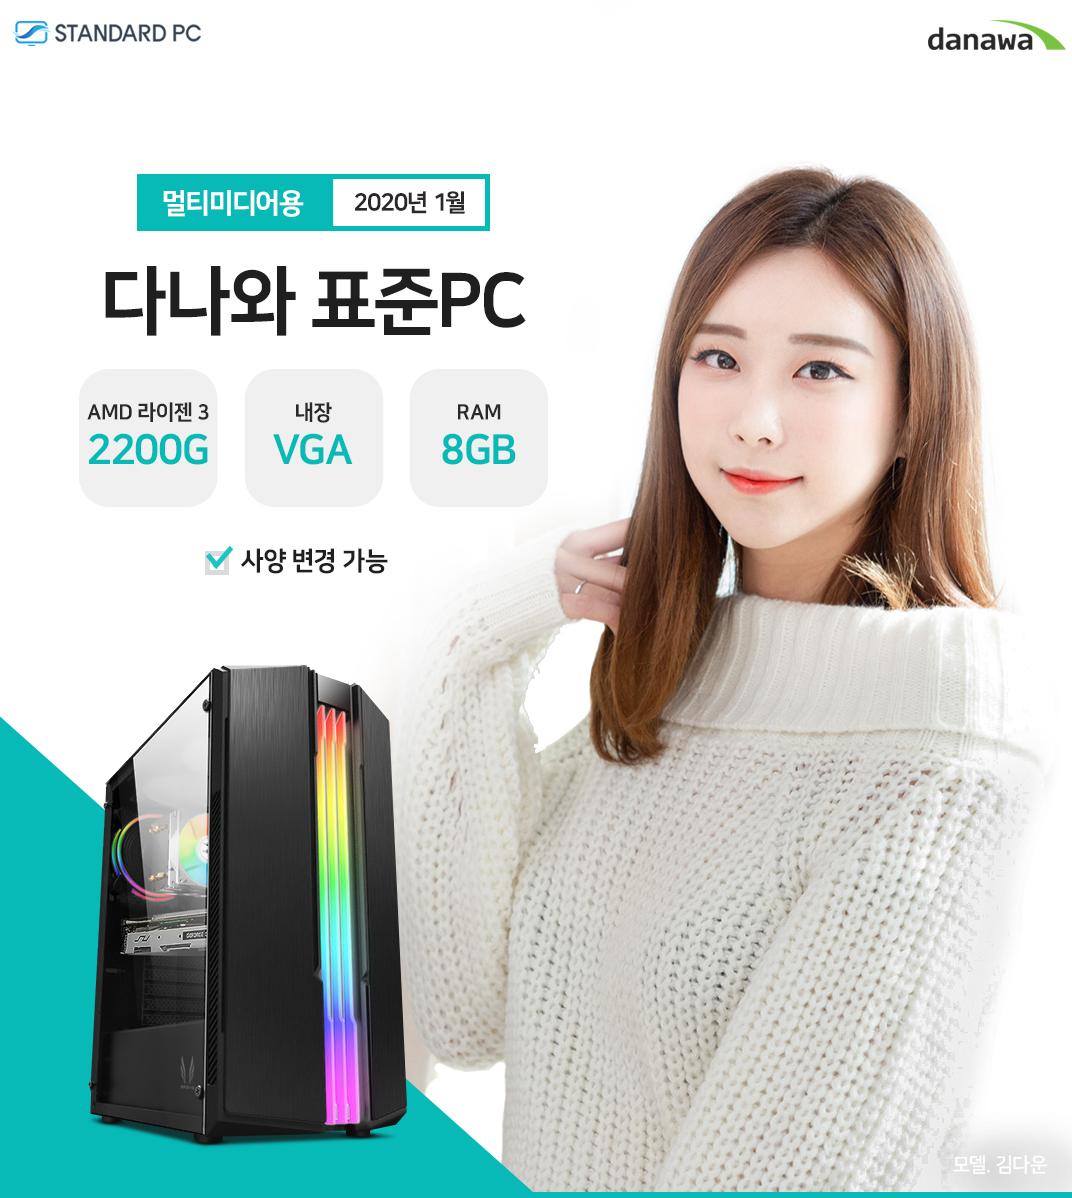 2020년 01월 다나와 표준PC 멀티미디어용 AMD 라이젠 3 2200G 내장 VGA RAM 8G 모델 김다운